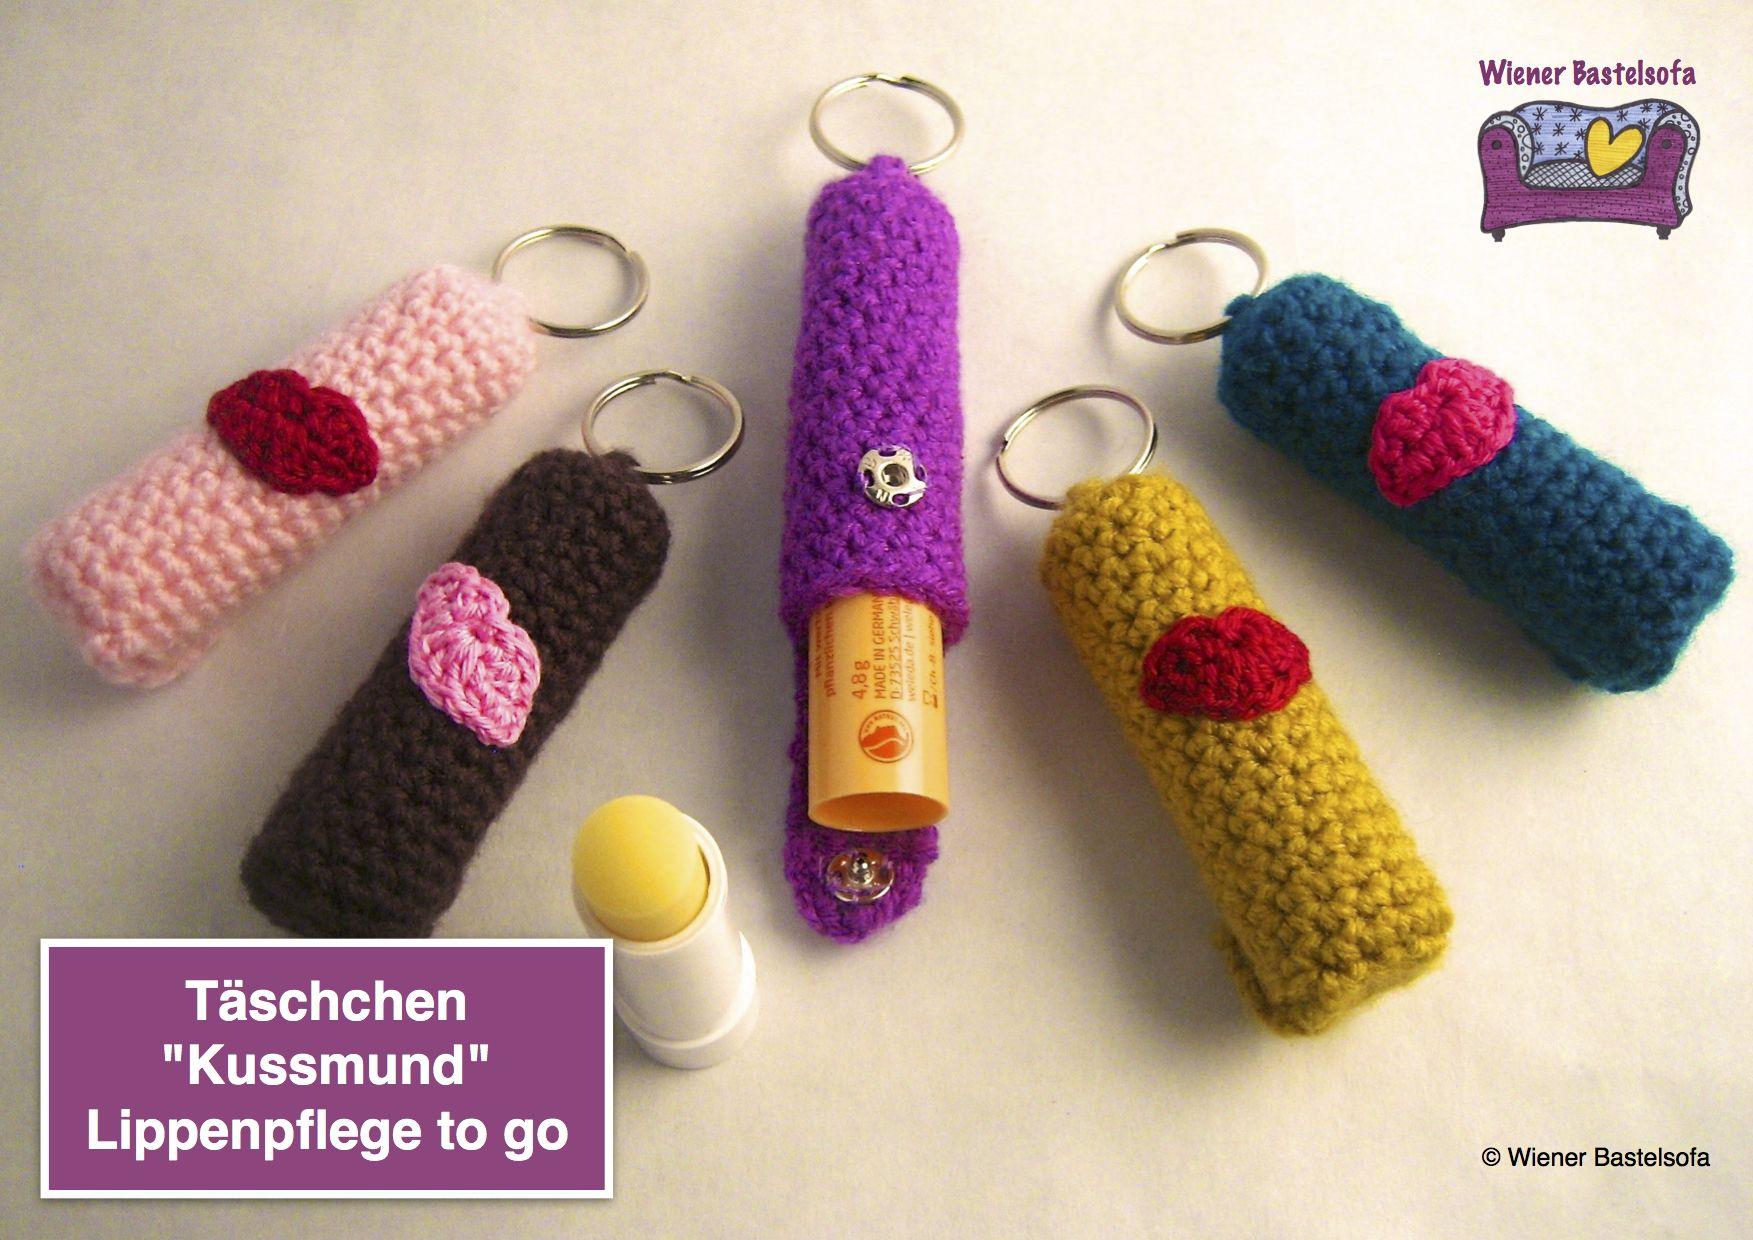 Anleitung Täschchen Kussmund Für Lippenpflege Schlüsselanhänger